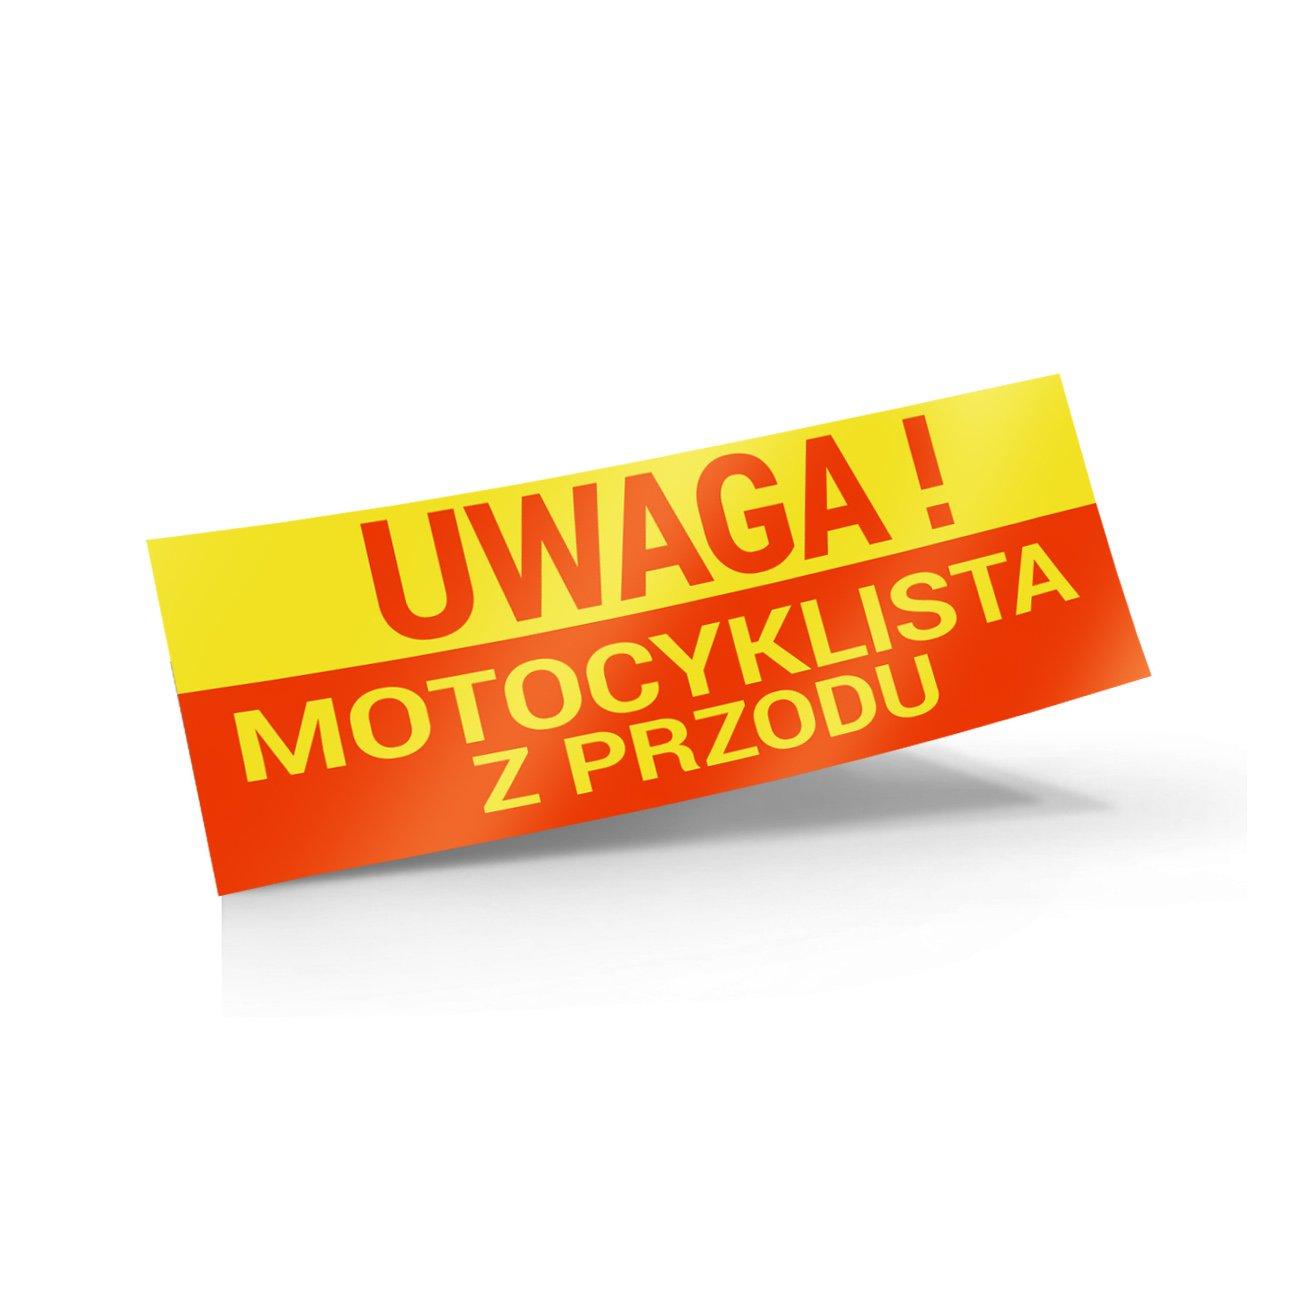 naklejka uwaga motocyklista z przodu